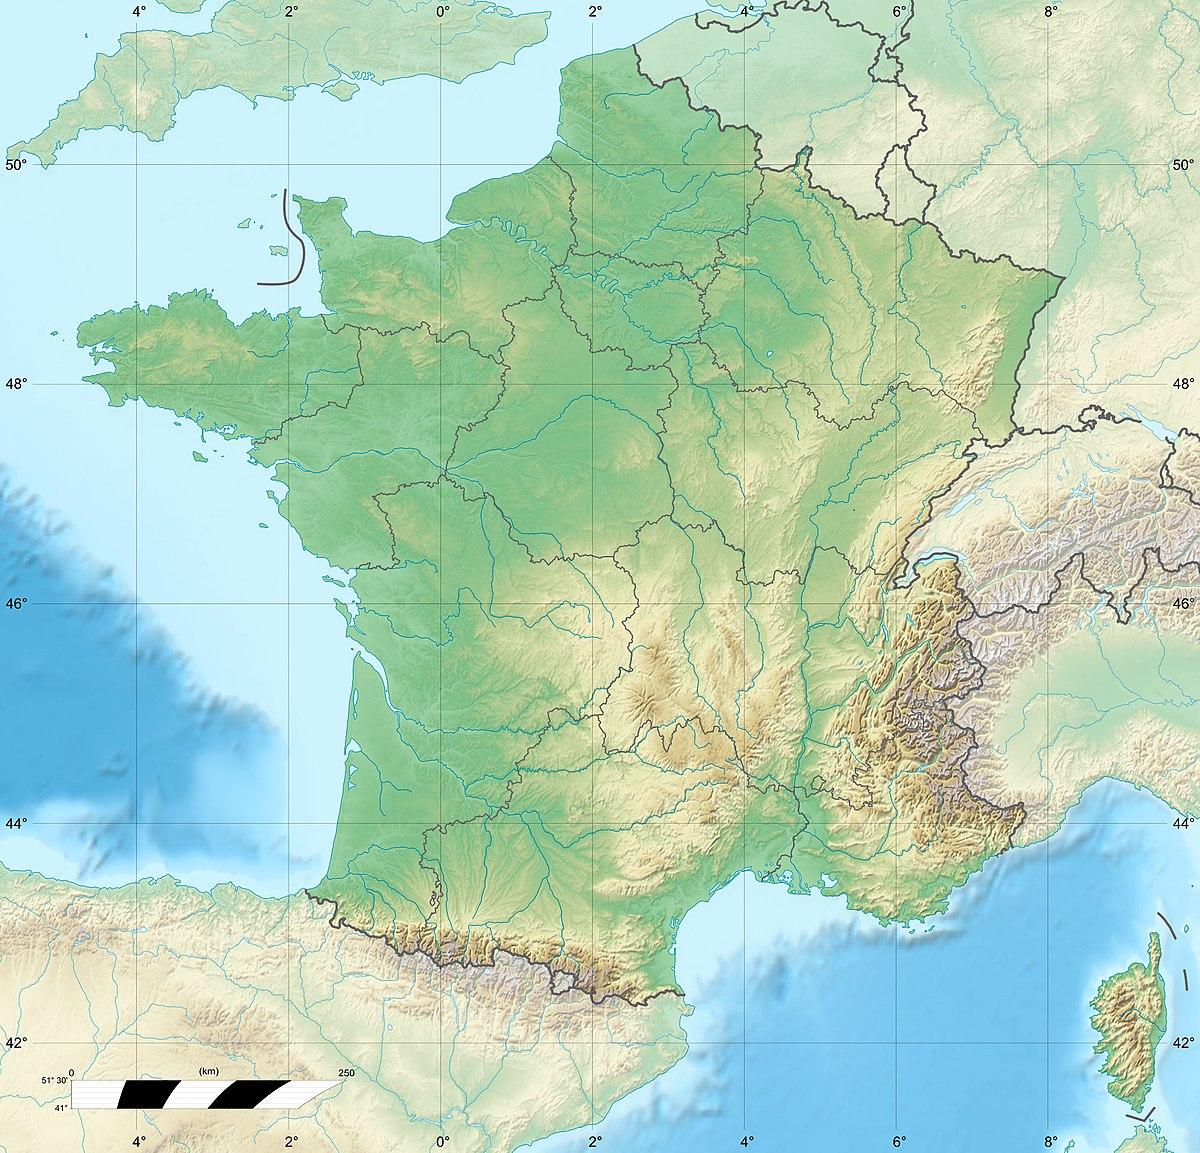 Fichier:france Relief Location Map — Wikipédia intérieur Carte France Région Vierge